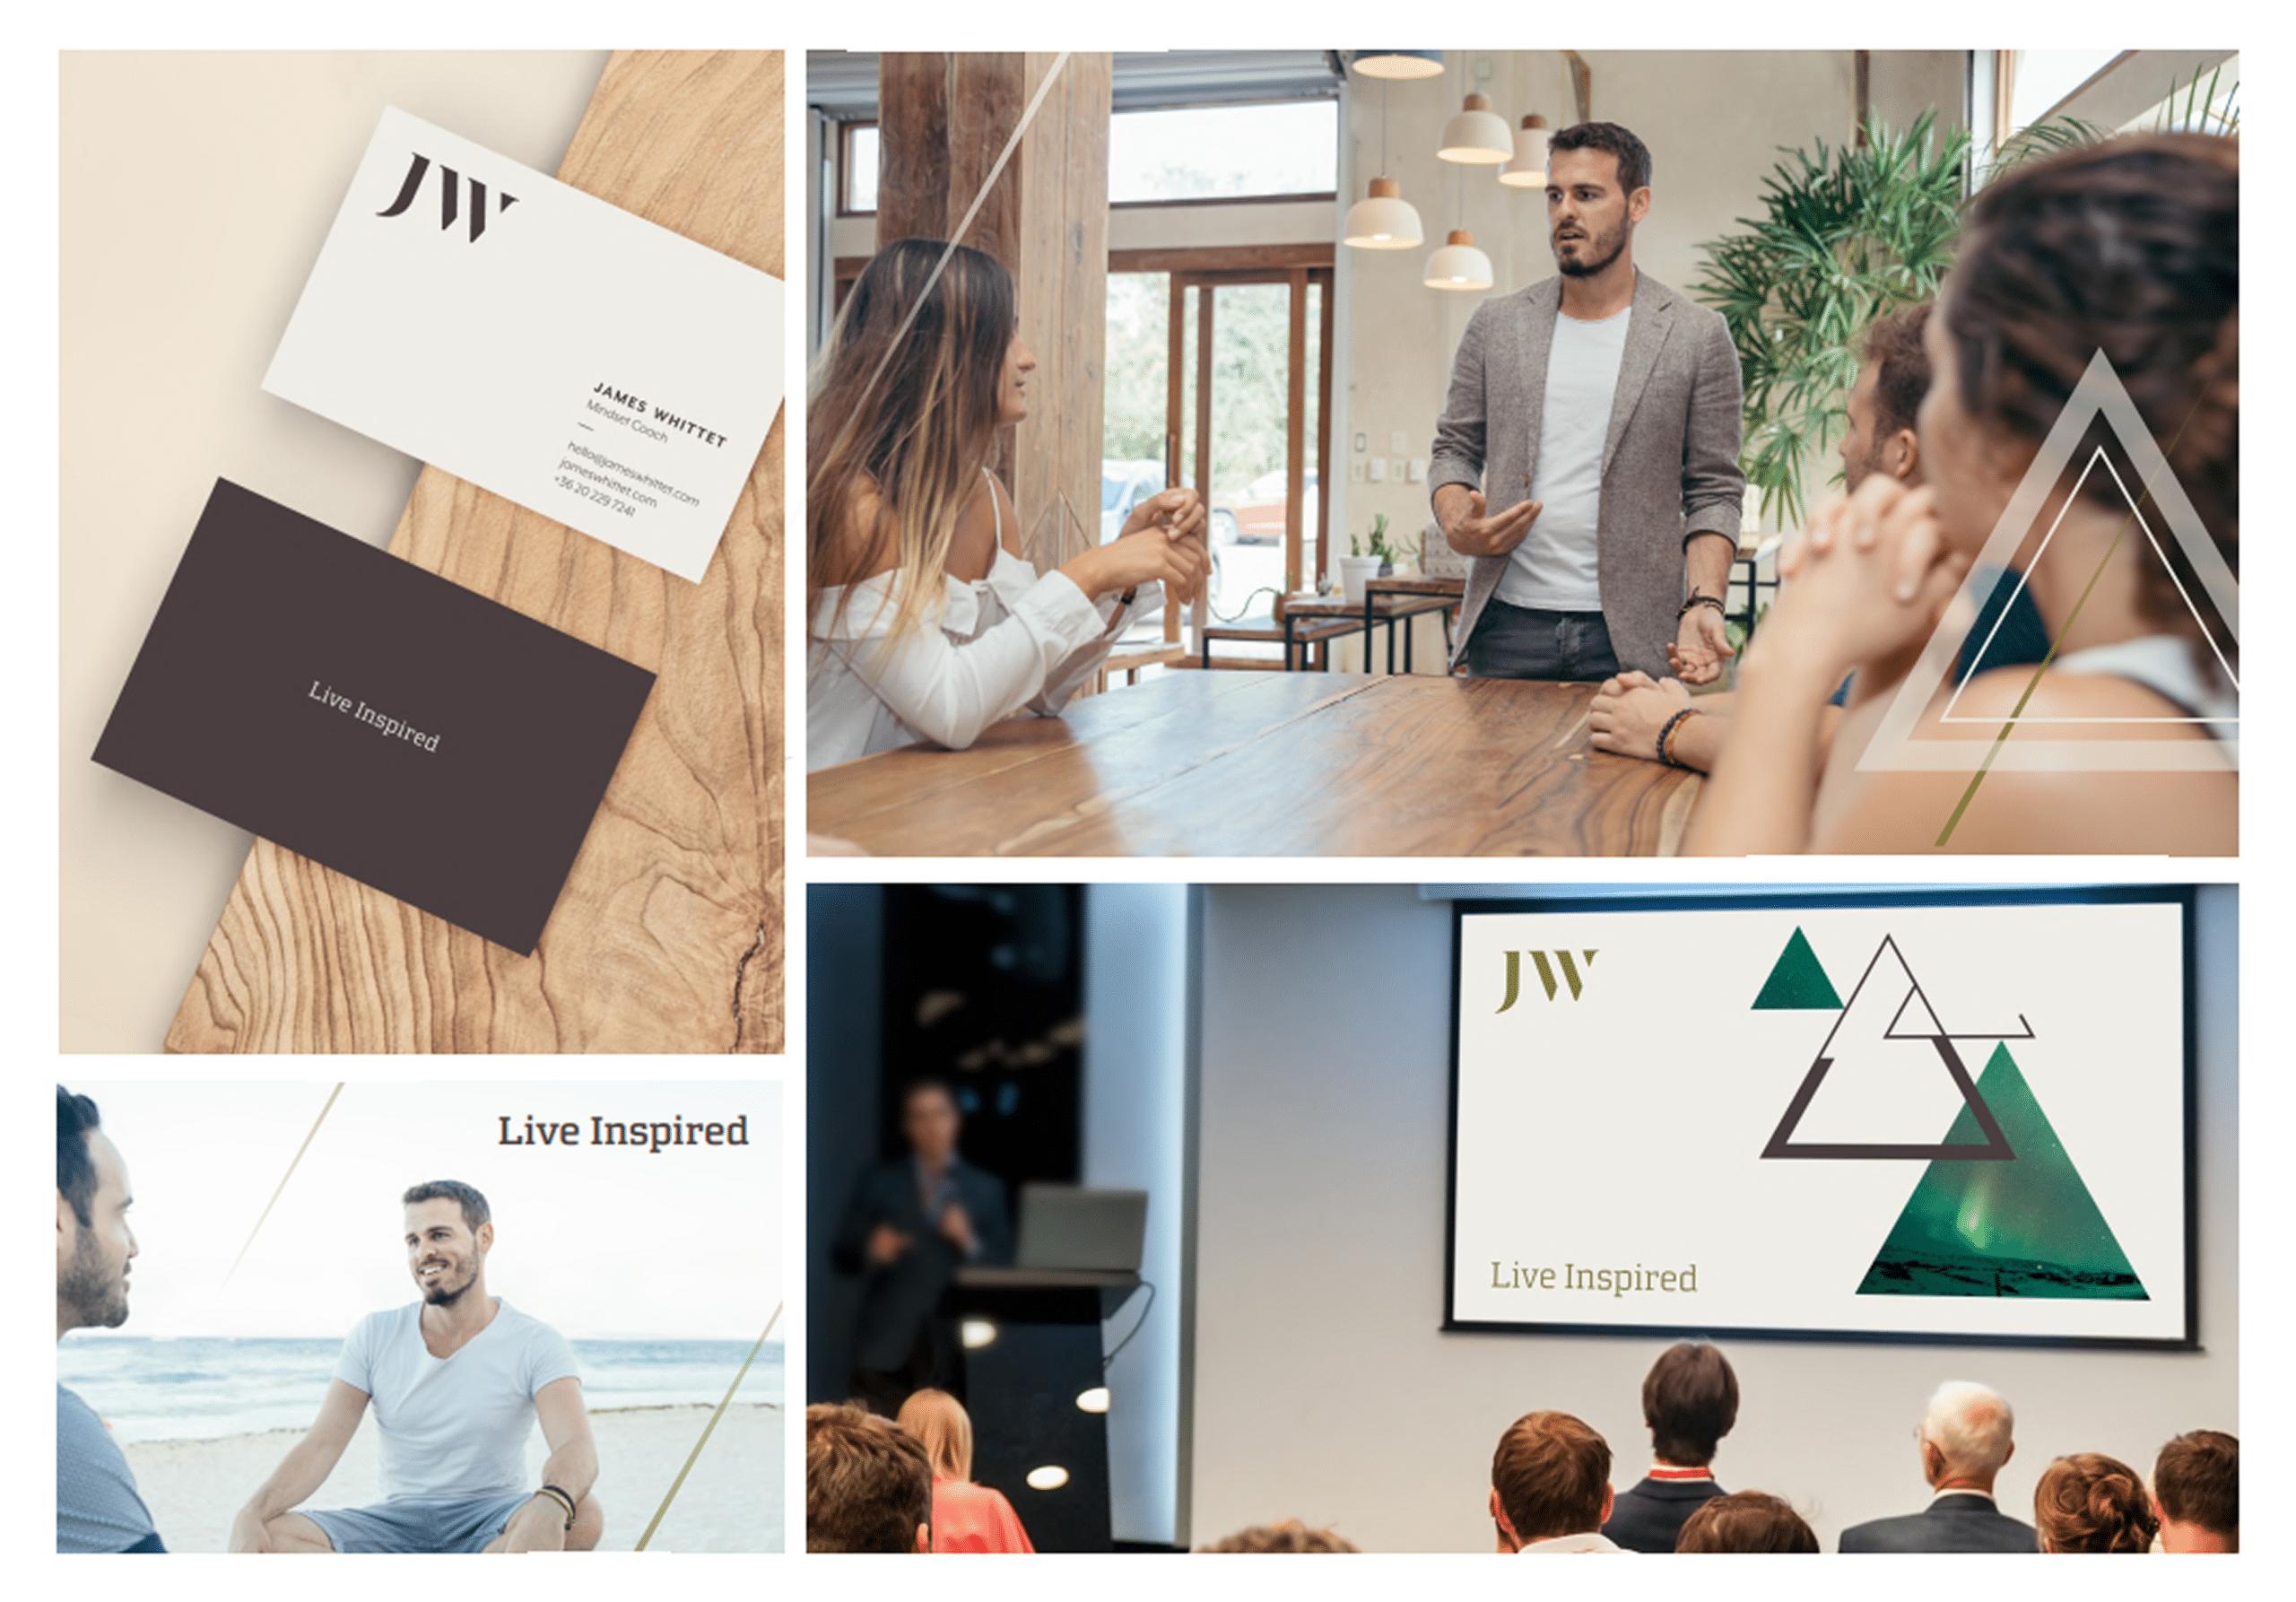 James Whittet chosen Brand Concept